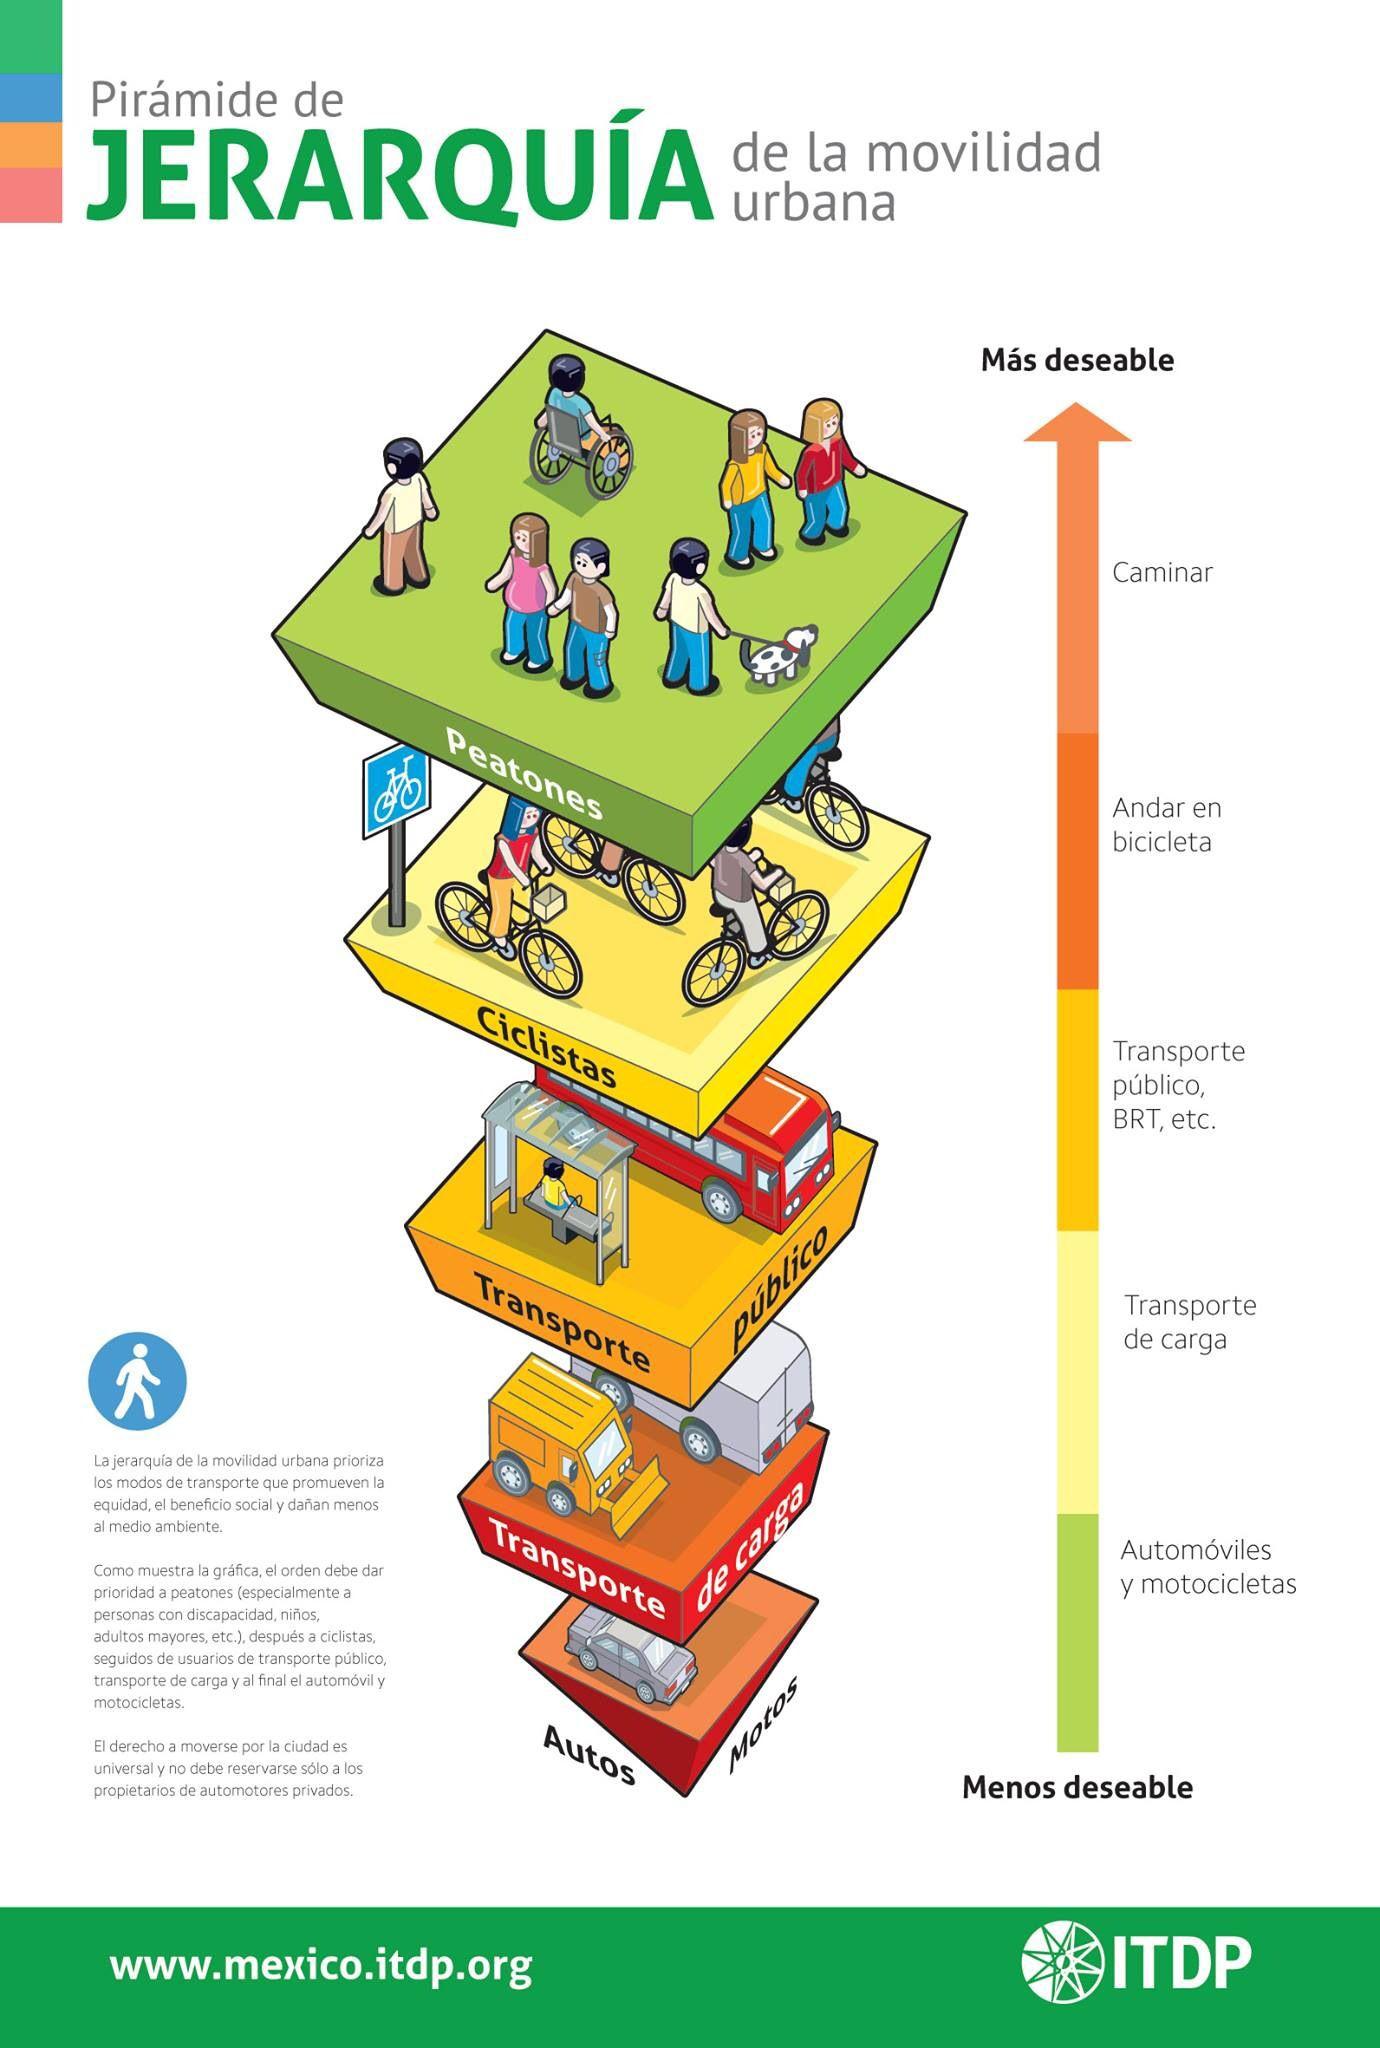 Bom exemplo mexicano para hierarquia da mobilidade urbana.